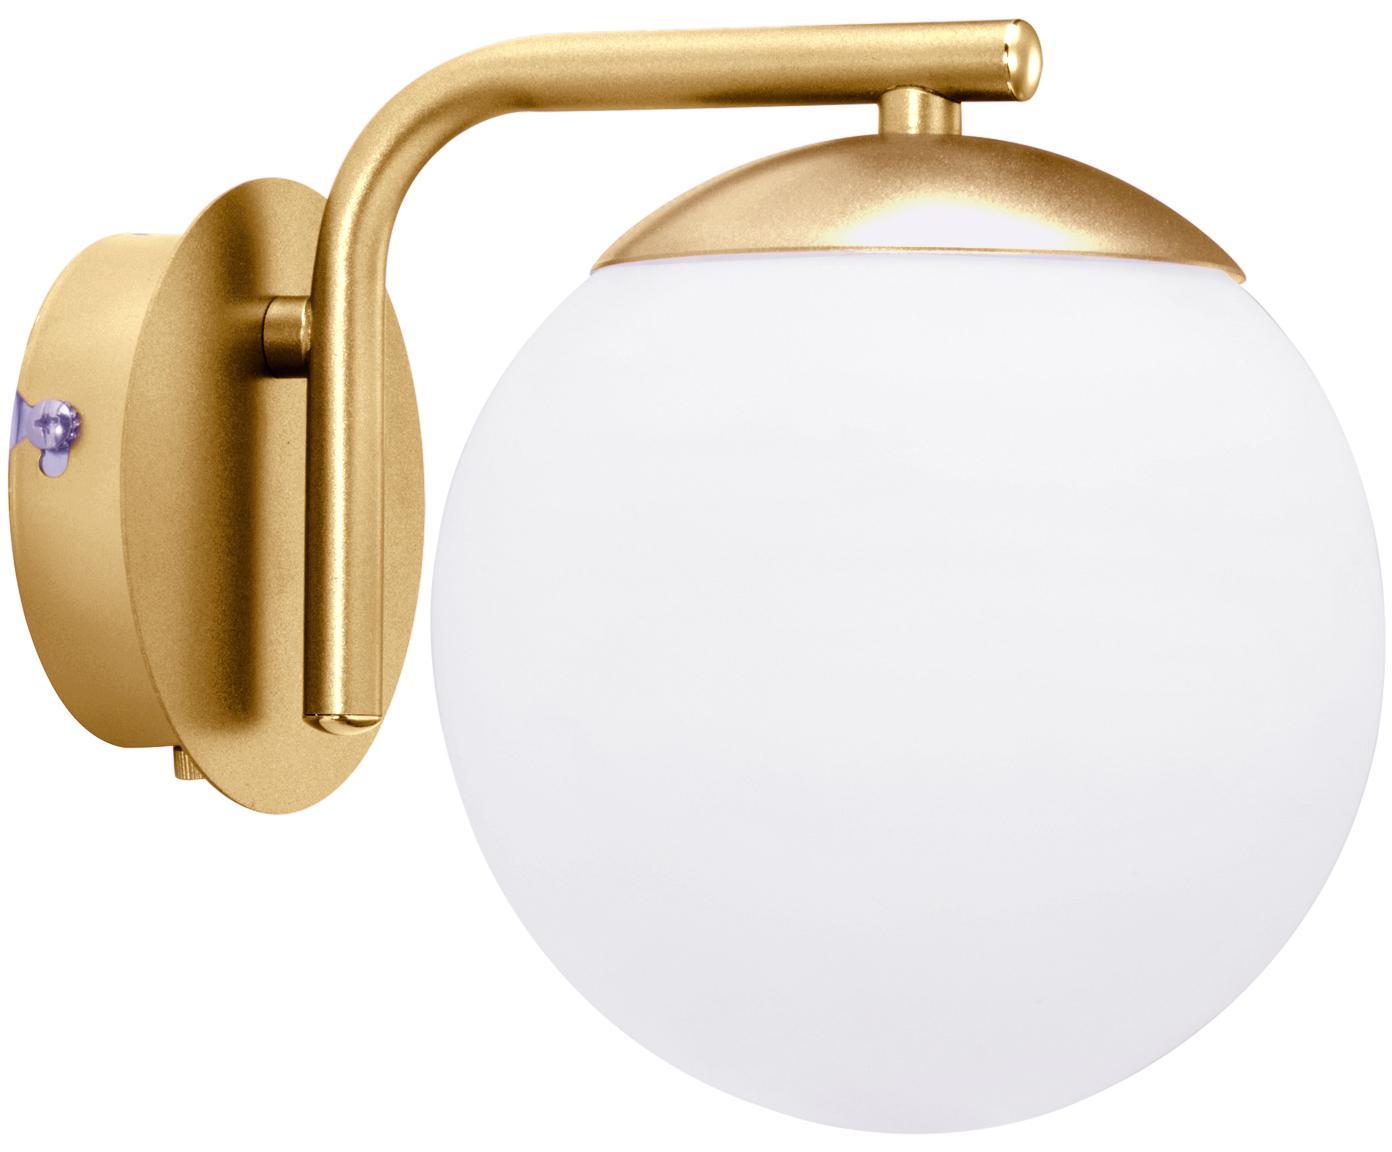 Aplique Grant, con enchufe, Pantalla: vidrio opalino, Latón, blanco, An 15 x Al 18 cm